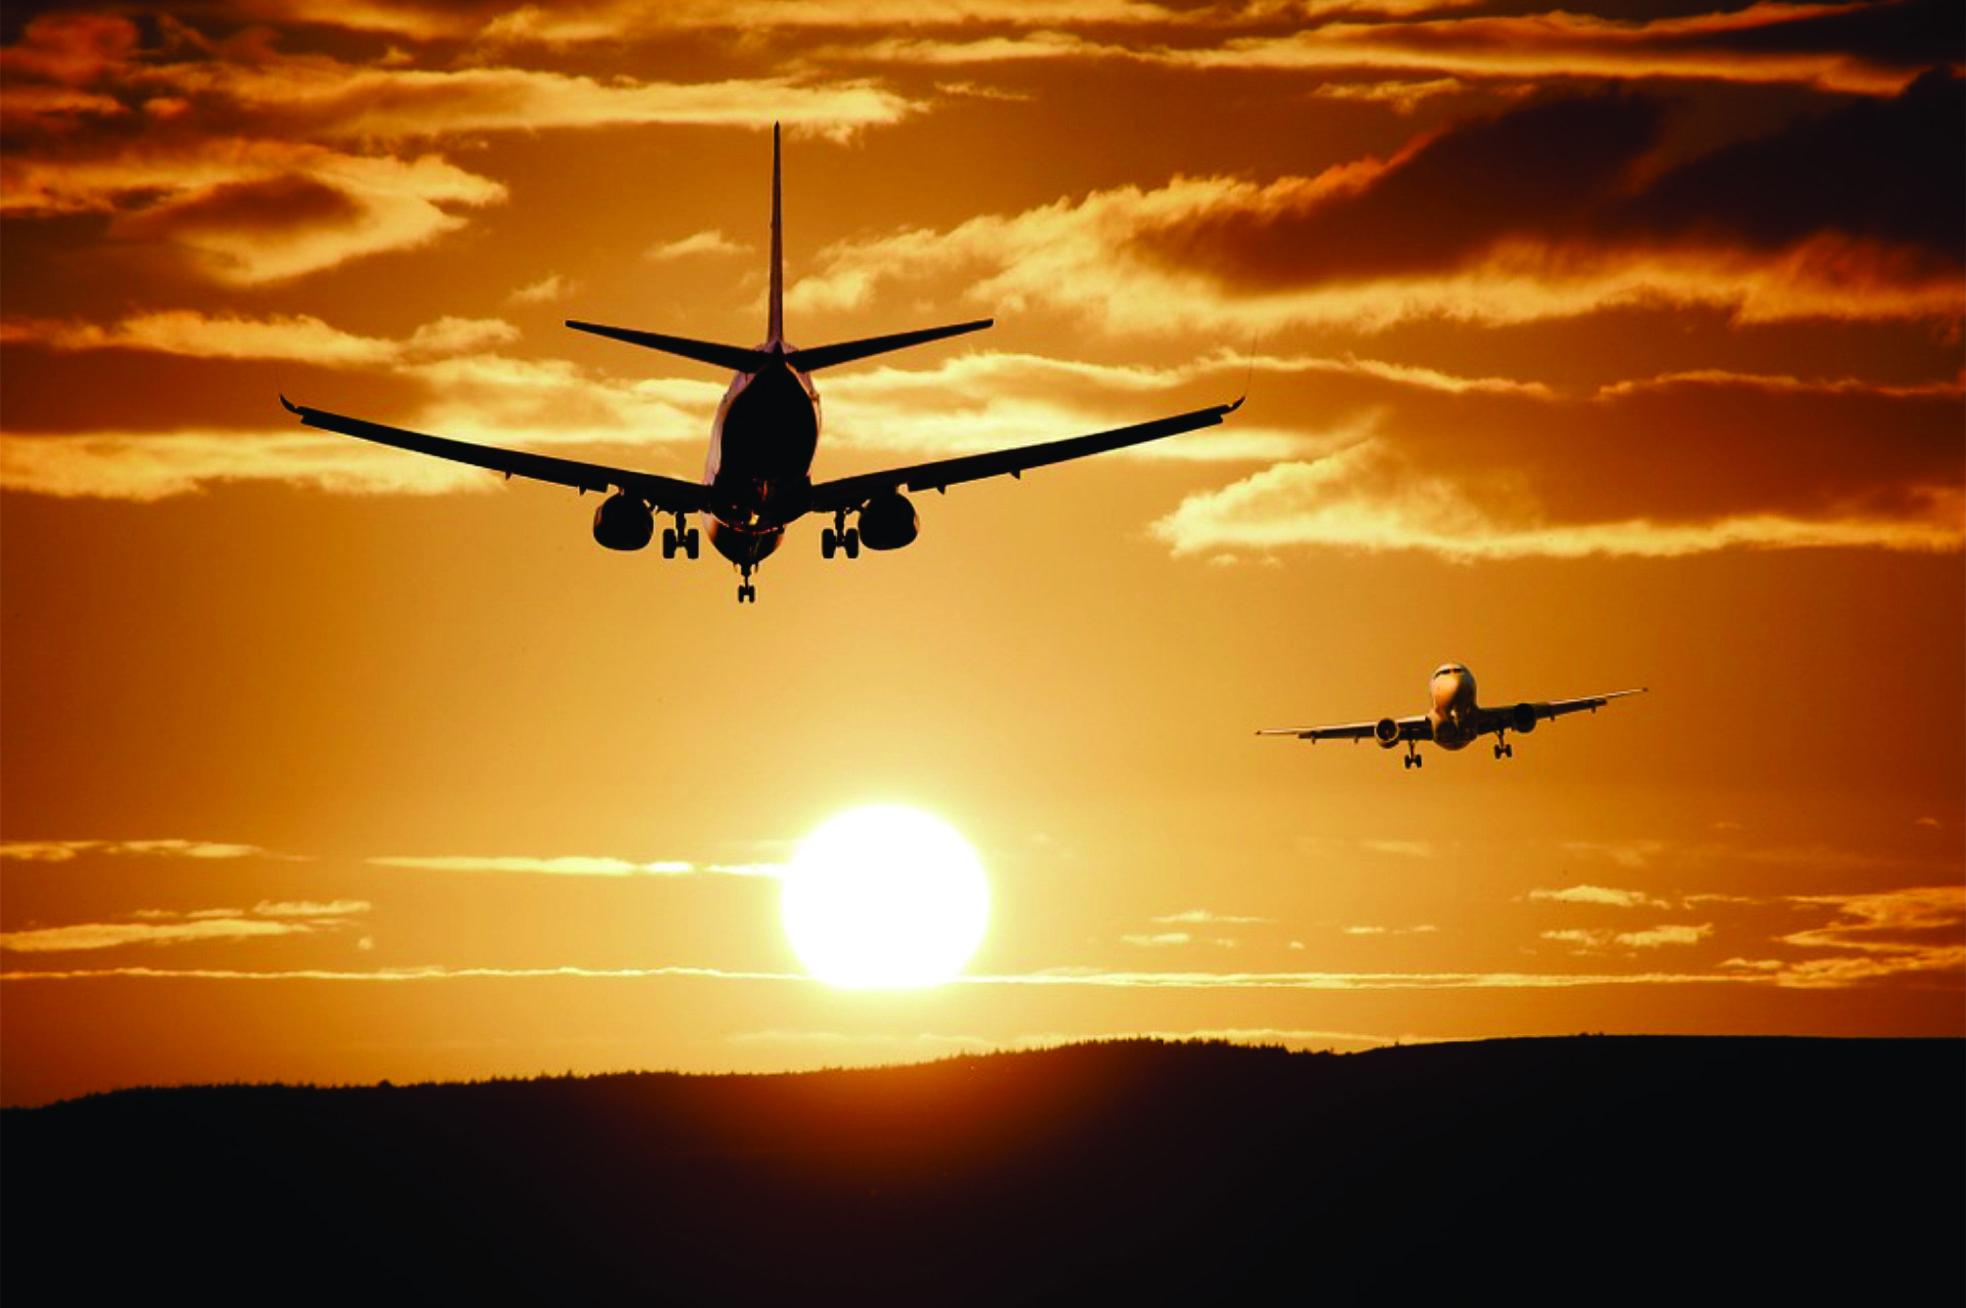 Companhia aérea oferece seguro para seus clientes